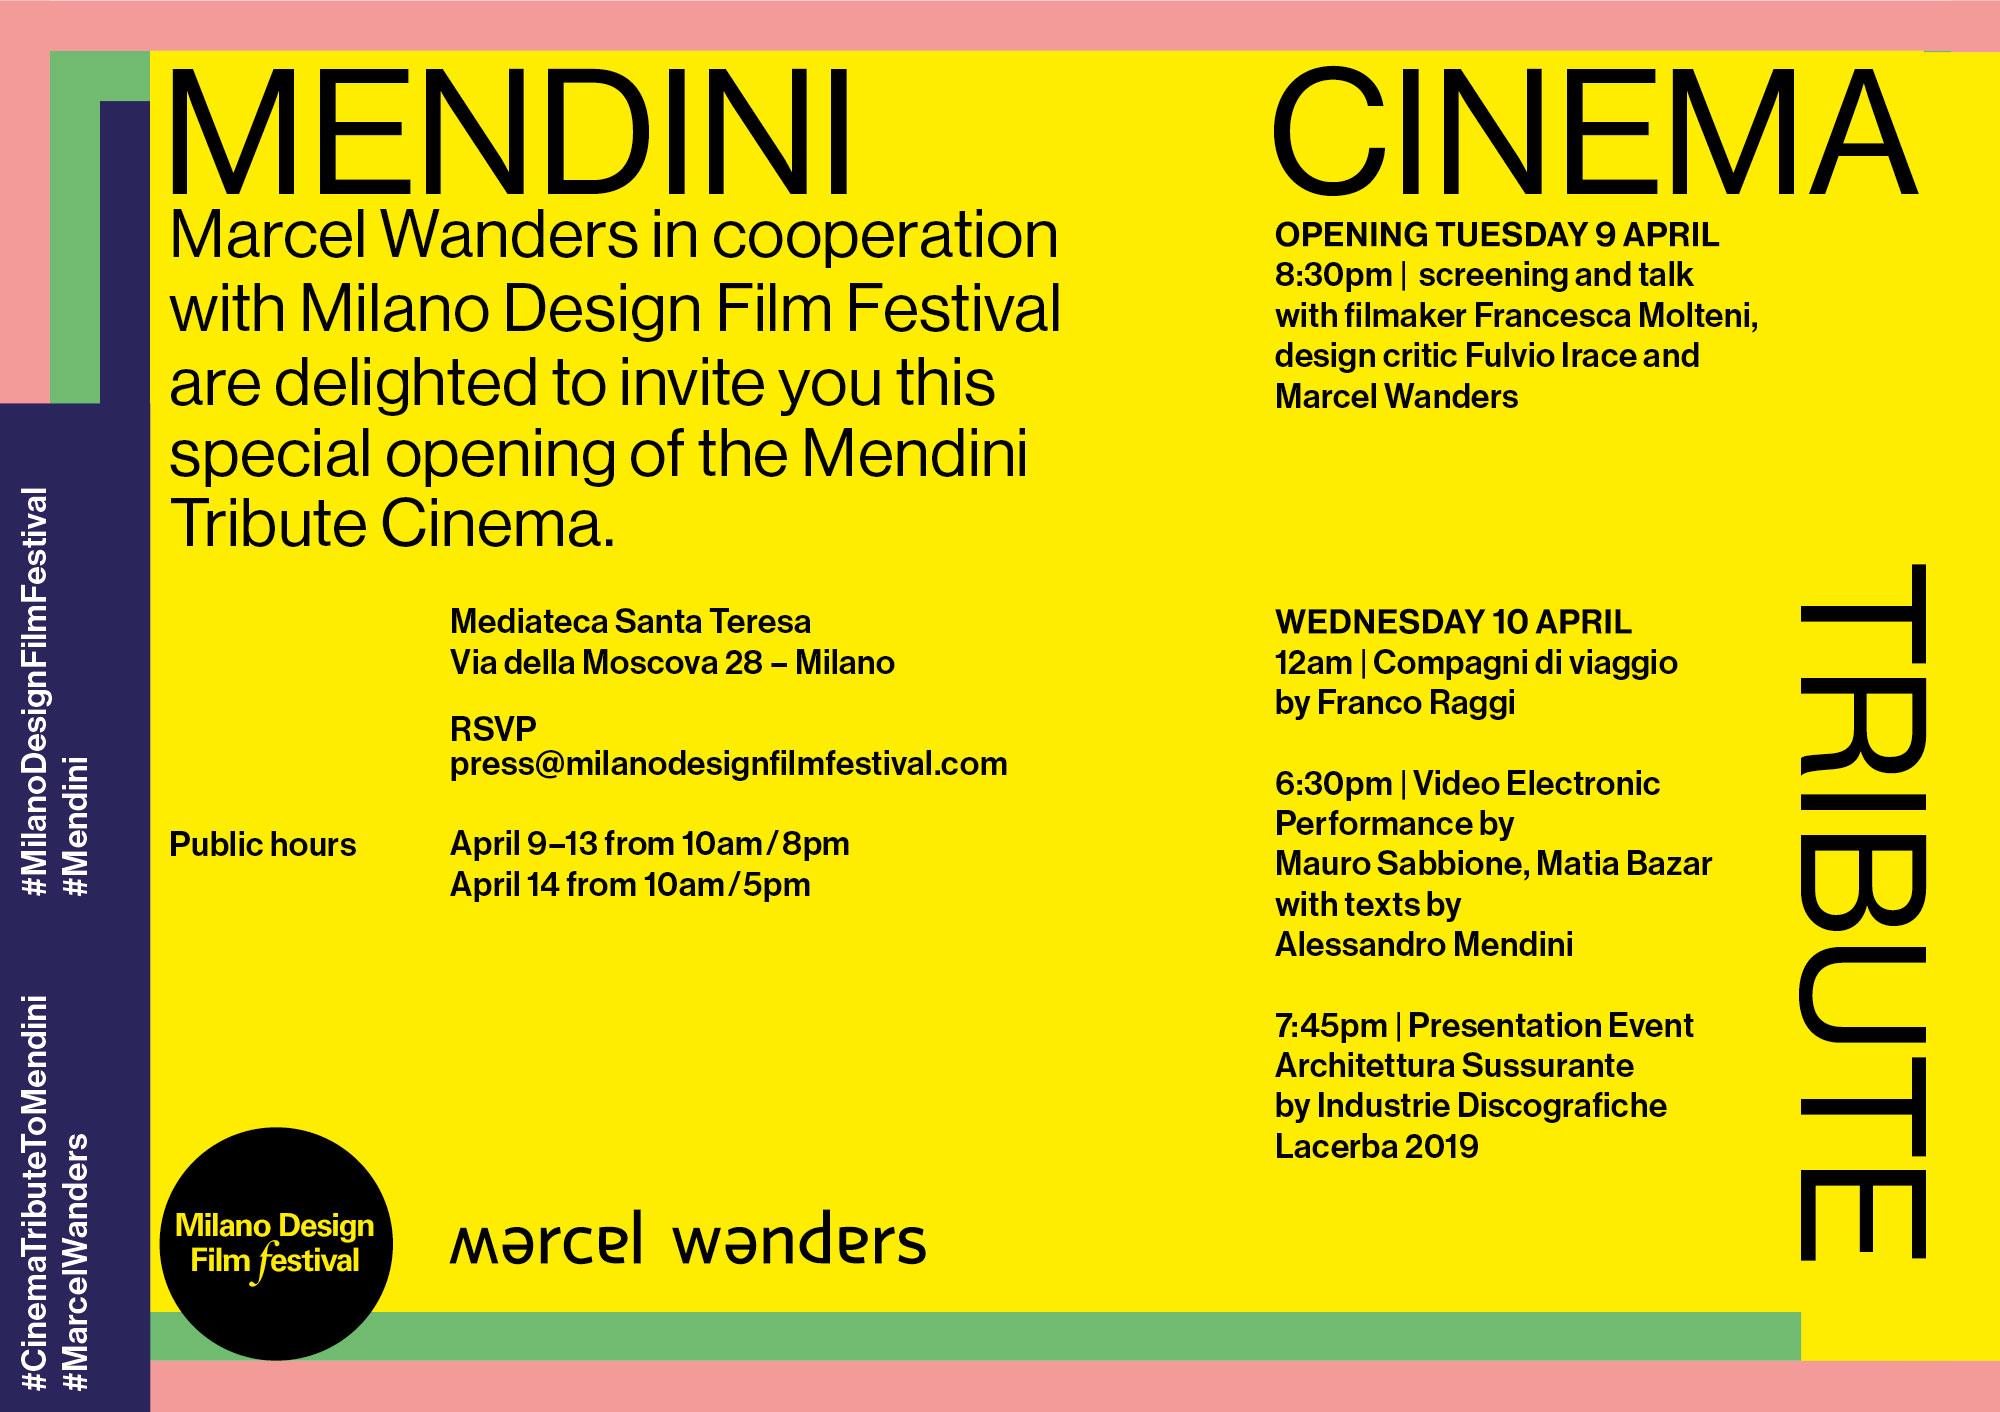 Compagni di viaggio - Mendini Tribute Cinema